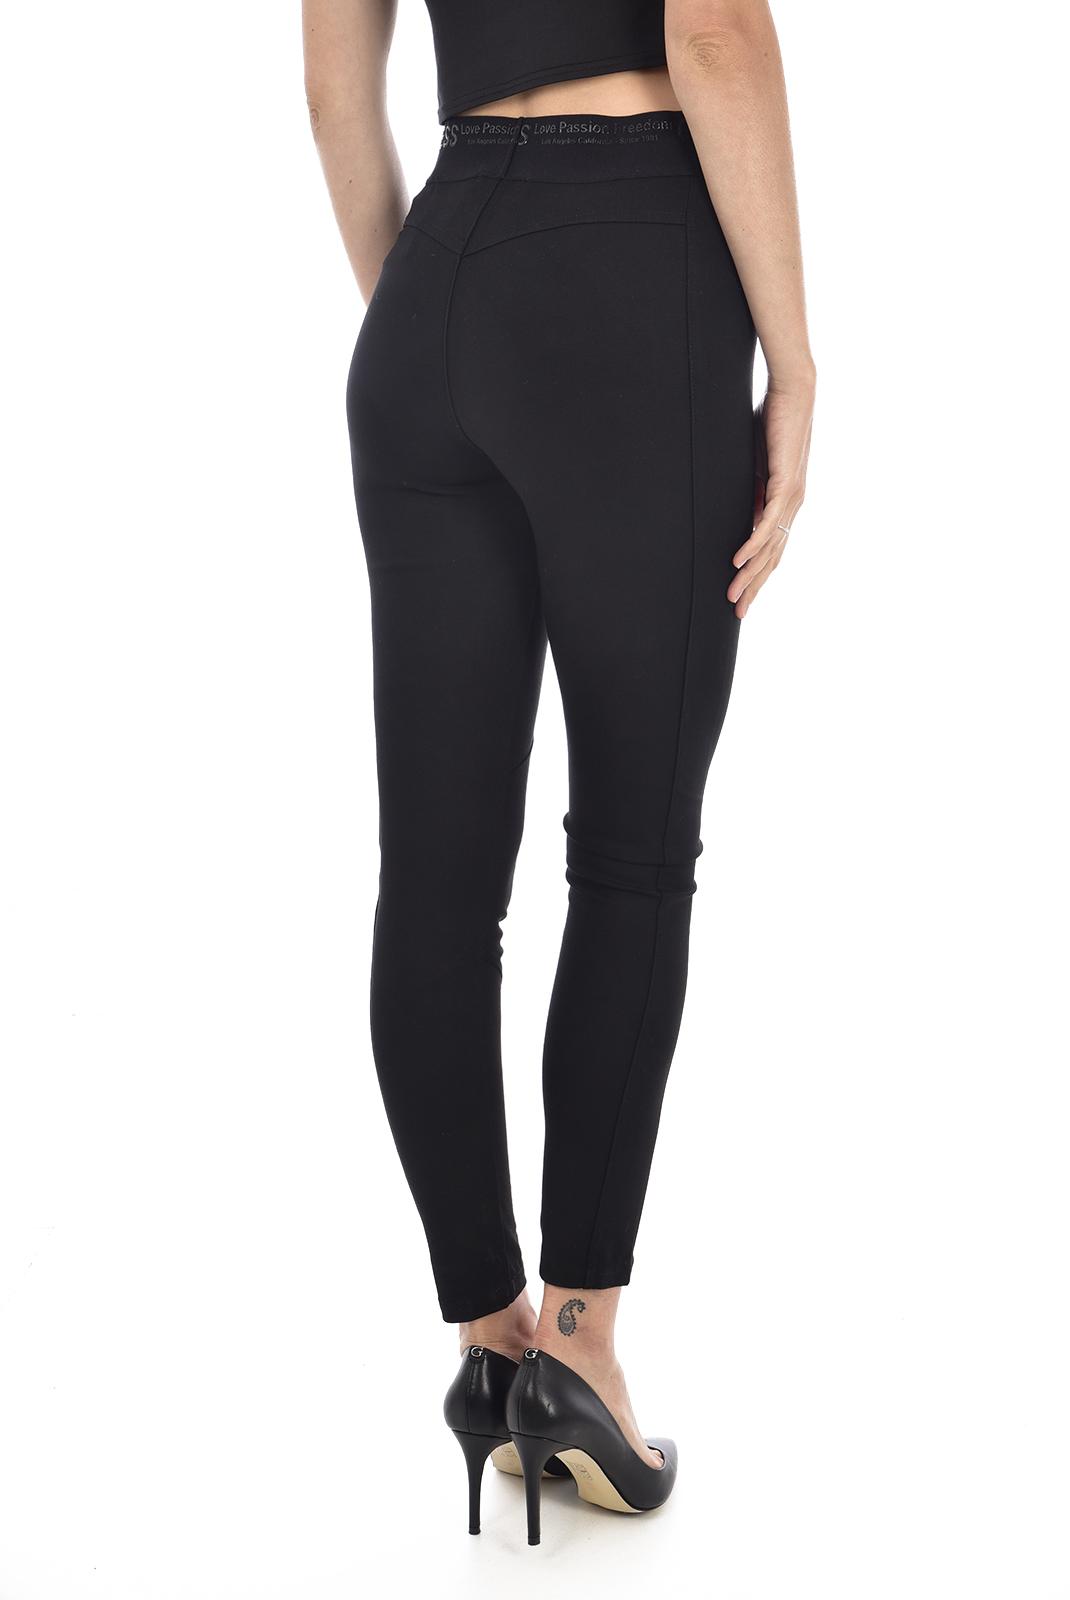 Pantalons  Guess jeans W94B88 K8RN0 Jet Black A996